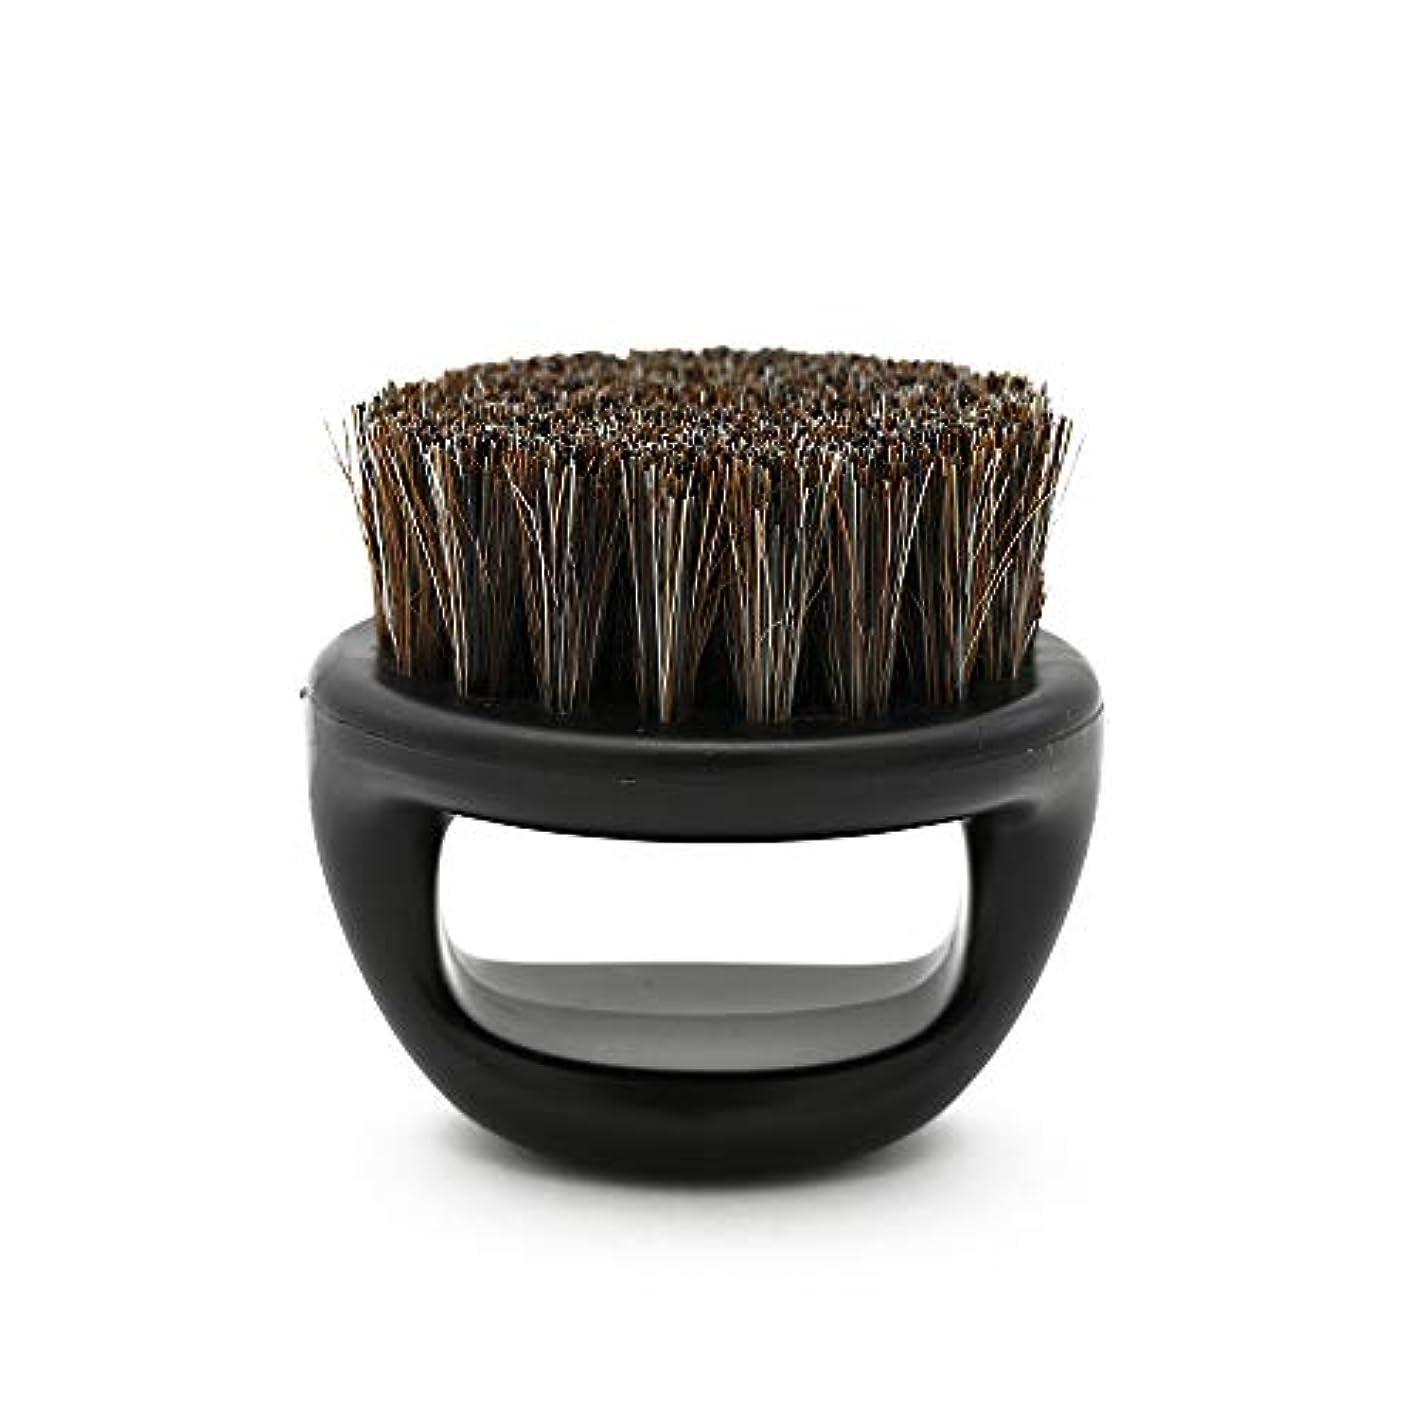 掻く満足させる設計Naliovker 1個リングデザイン馬毛メンズシェービングブラシプラスチック製の可搬式理容ひげブラシサロンフェイスクリーニングかみそりブラシ(ブラック)